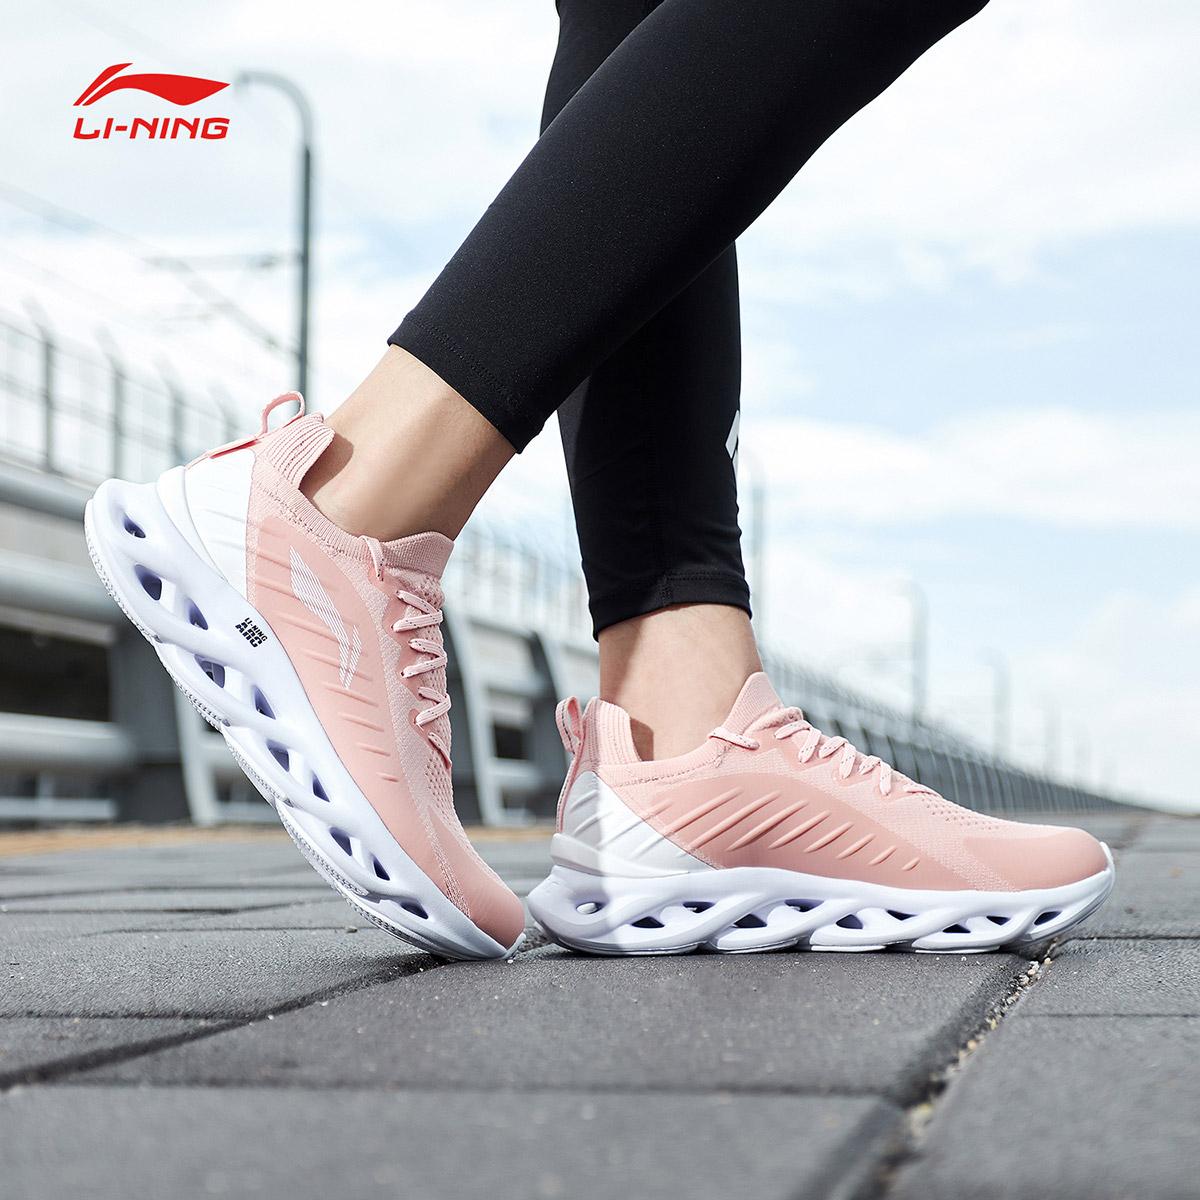 李宁跑步鞋女鞋2019新款李宁弧减震跑鞋女士低帮运动鞋